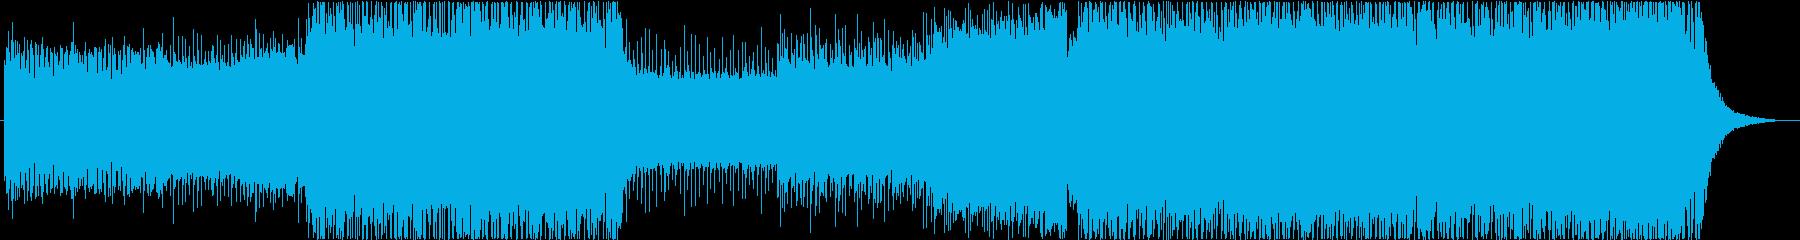 未来感漂うEDMの再生済みの波形